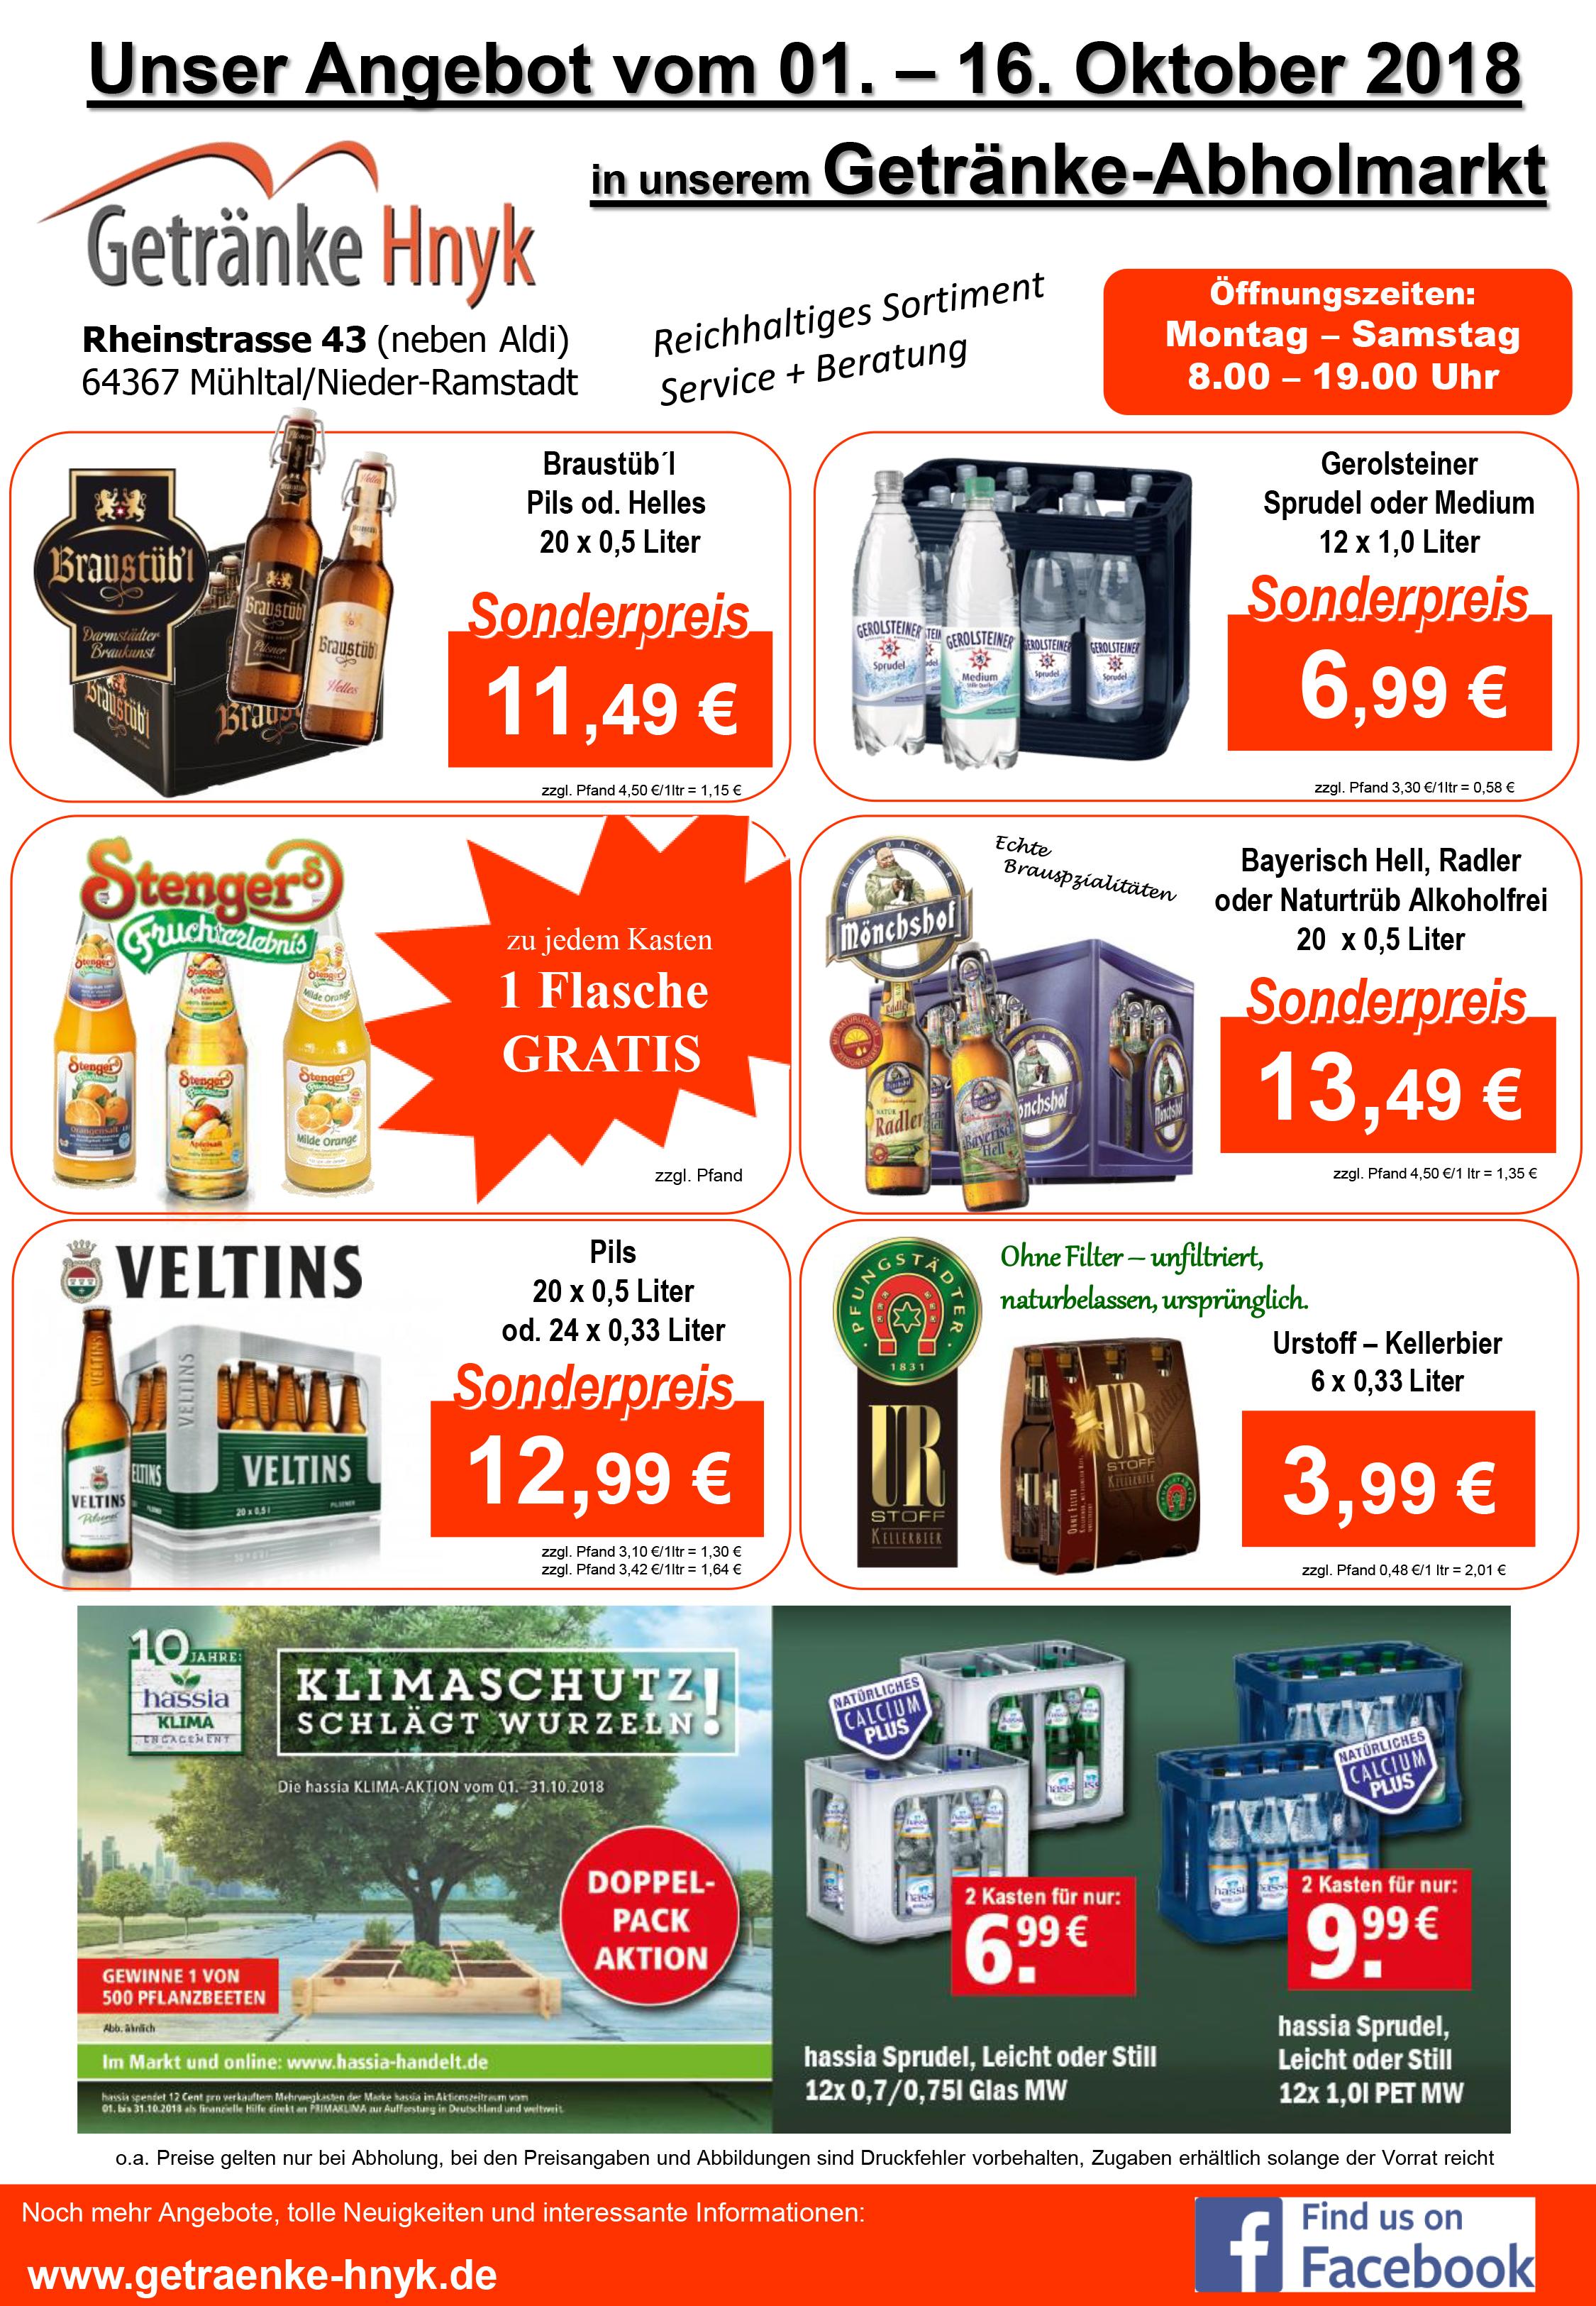 Neuigkeiten und Angebote von Getränke Hnyk in Mühltal/Nd.Ramstadt